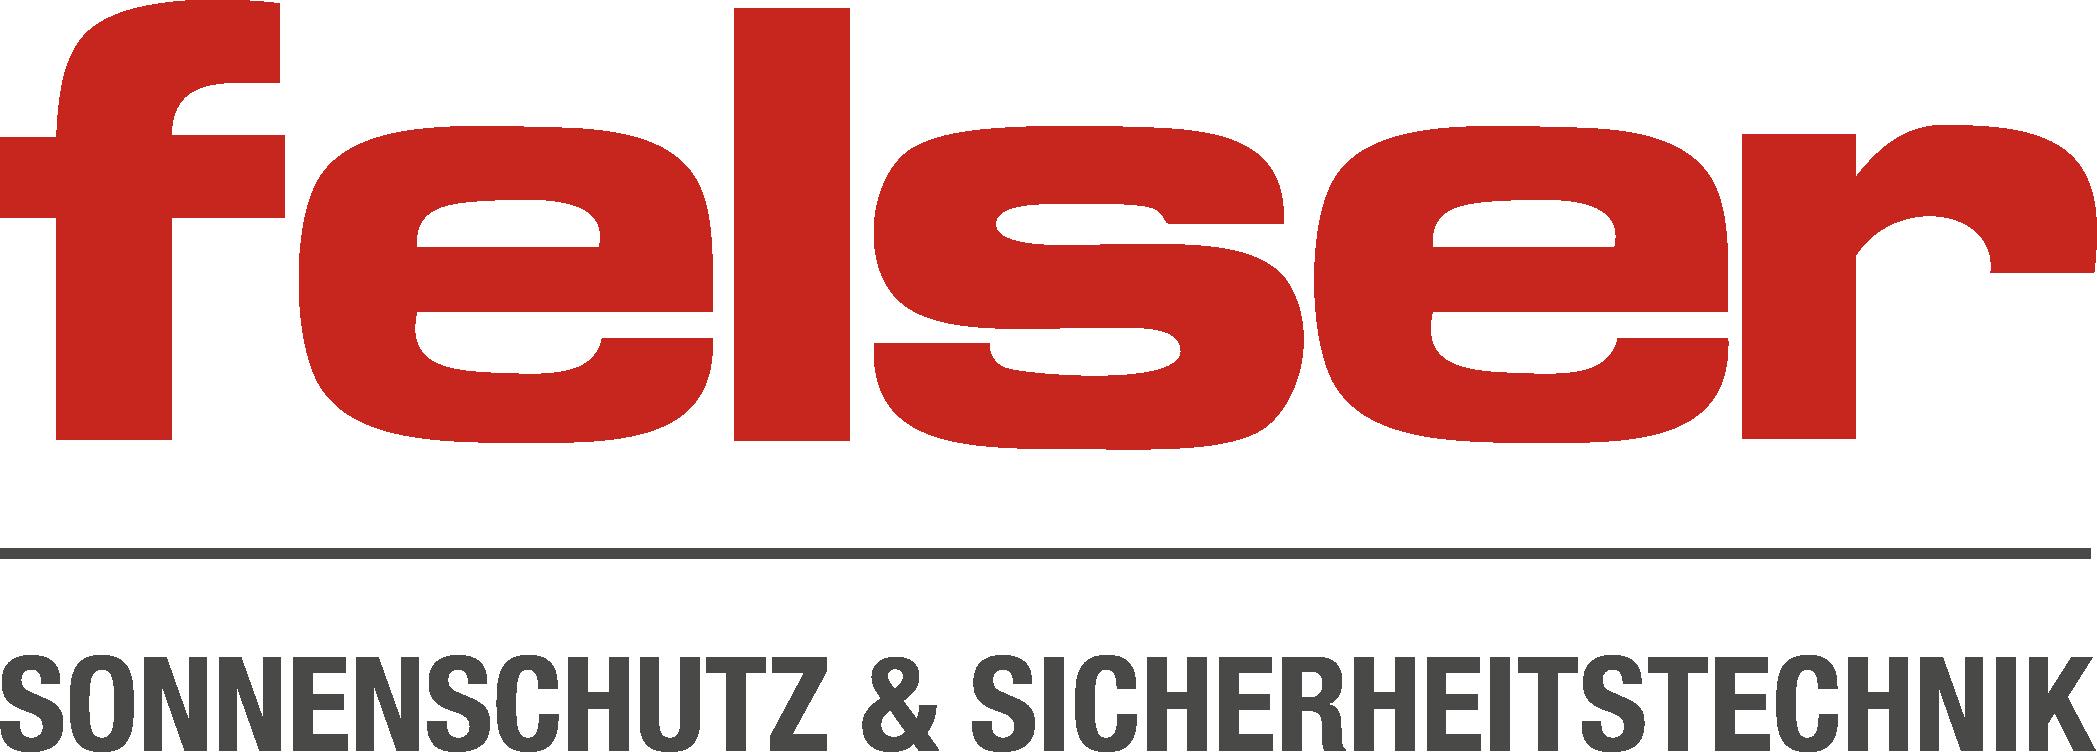 Fenster Türen Rolladen Felser GmbH